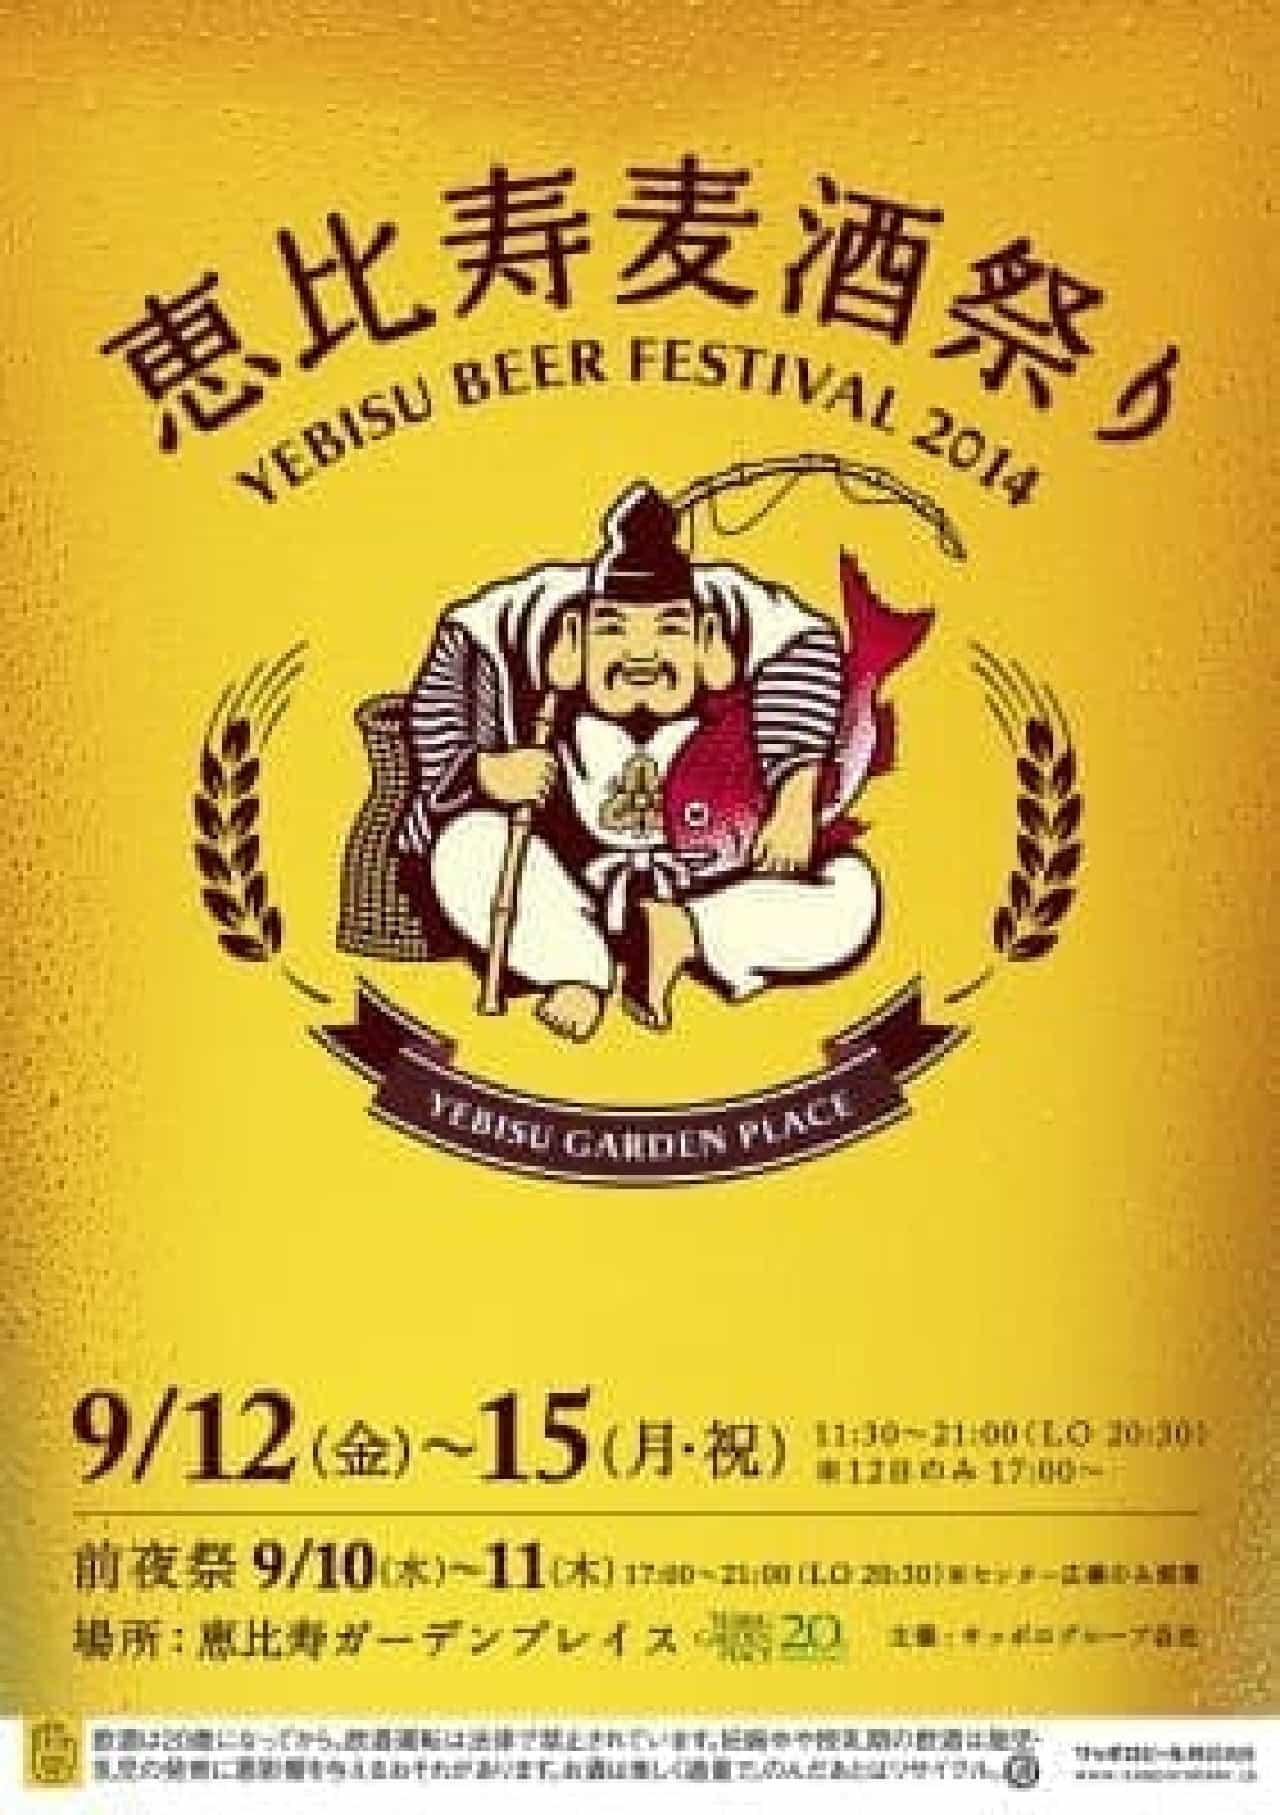 今年も開催、「恵比寿麦酒祭り」